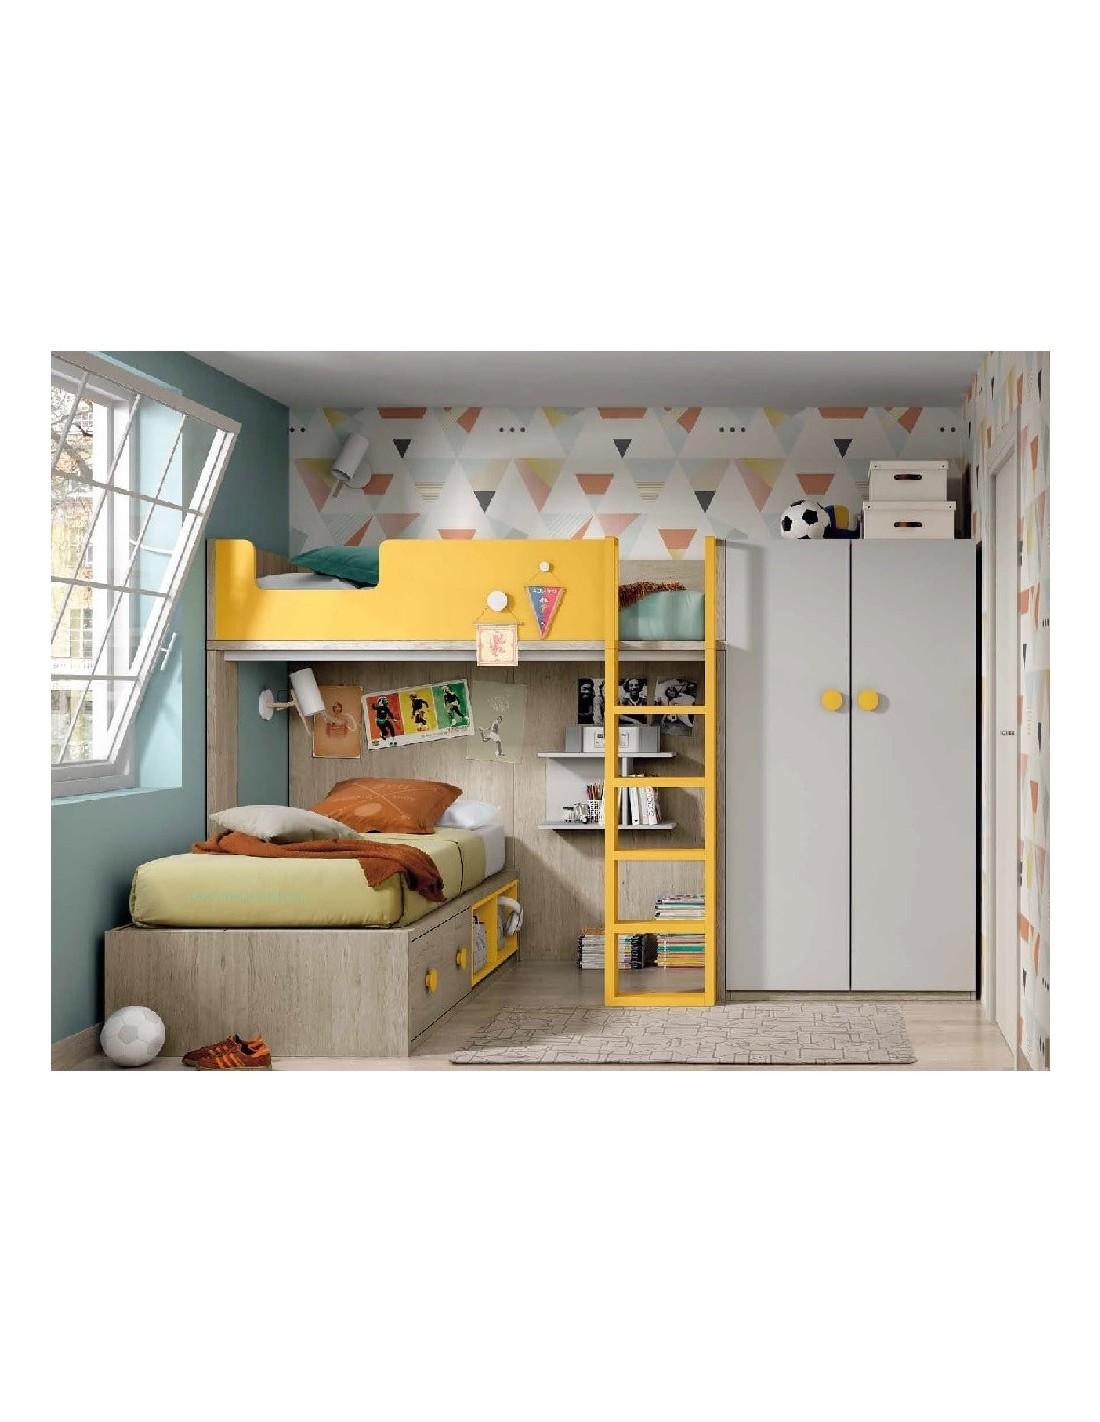 Literas noel con camas cruzadas armario cajones y escalera - Literas con armario ...